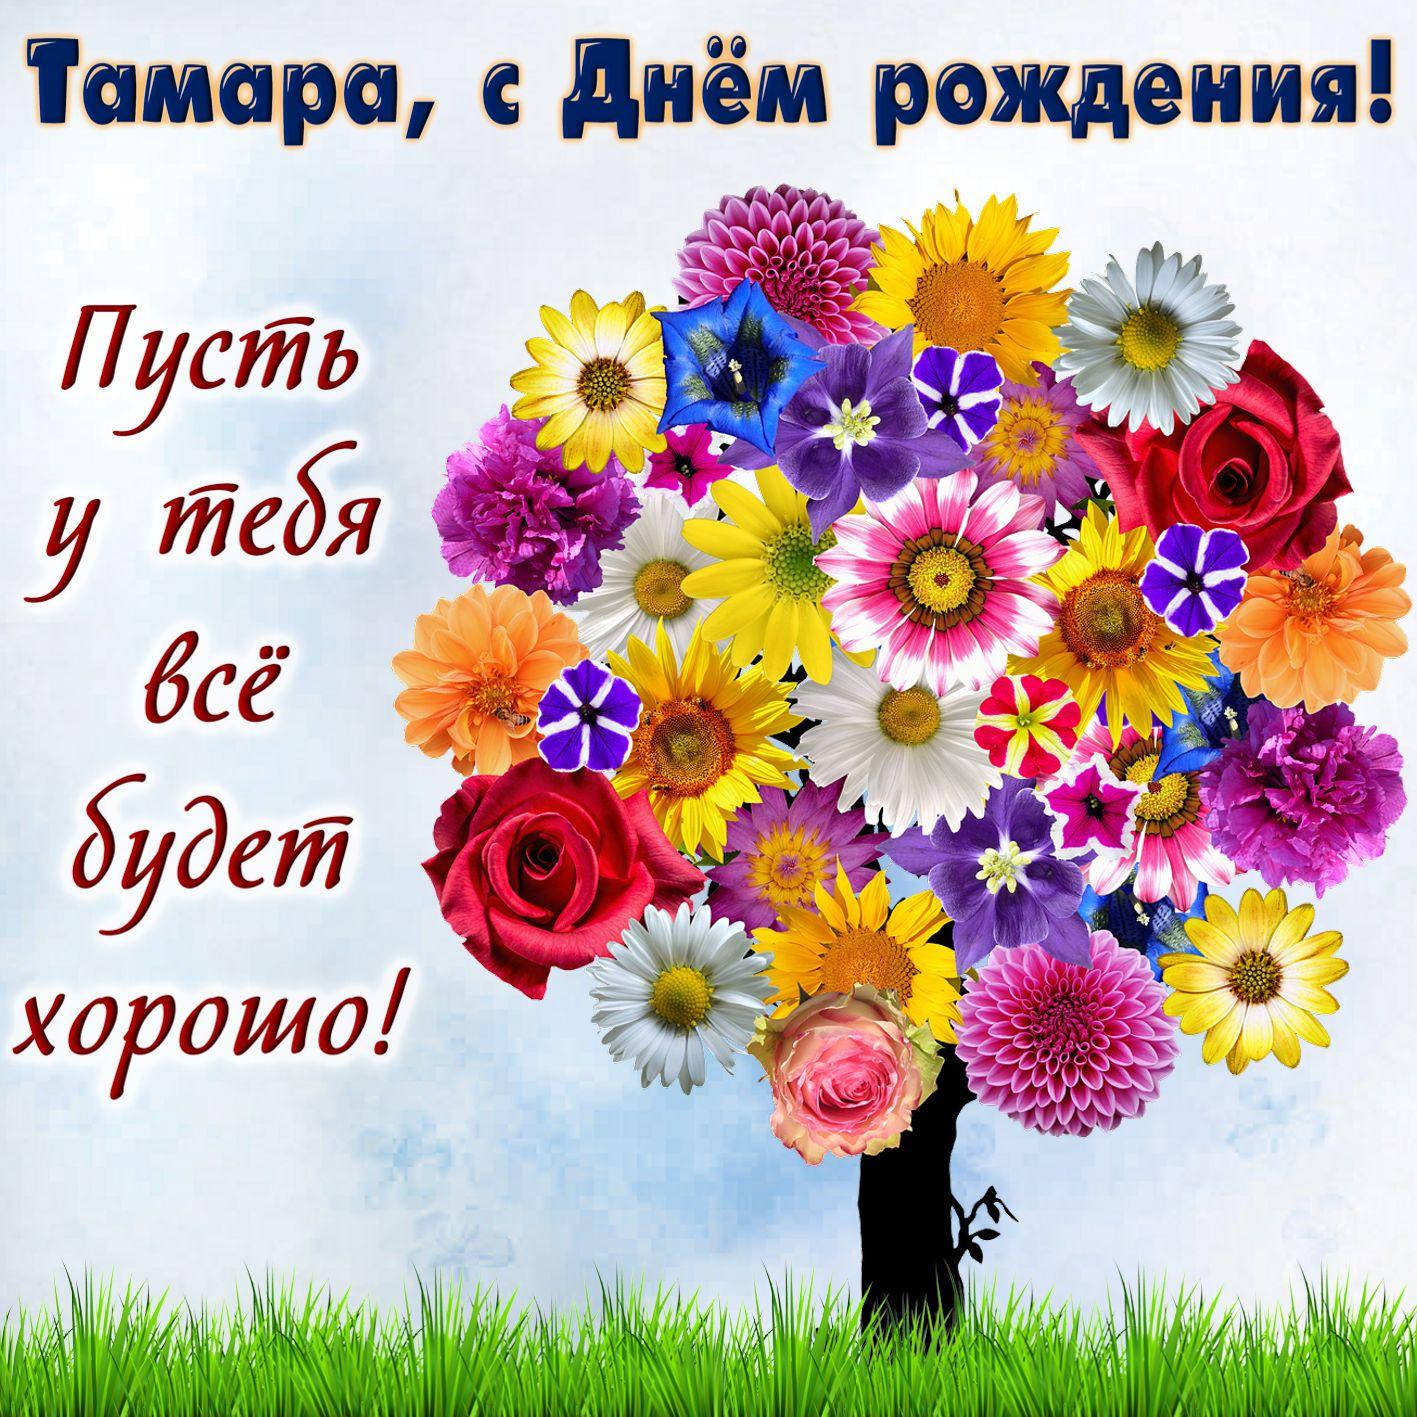 Открытка на День рождения - дерево из цветов и пожелание Тамаре